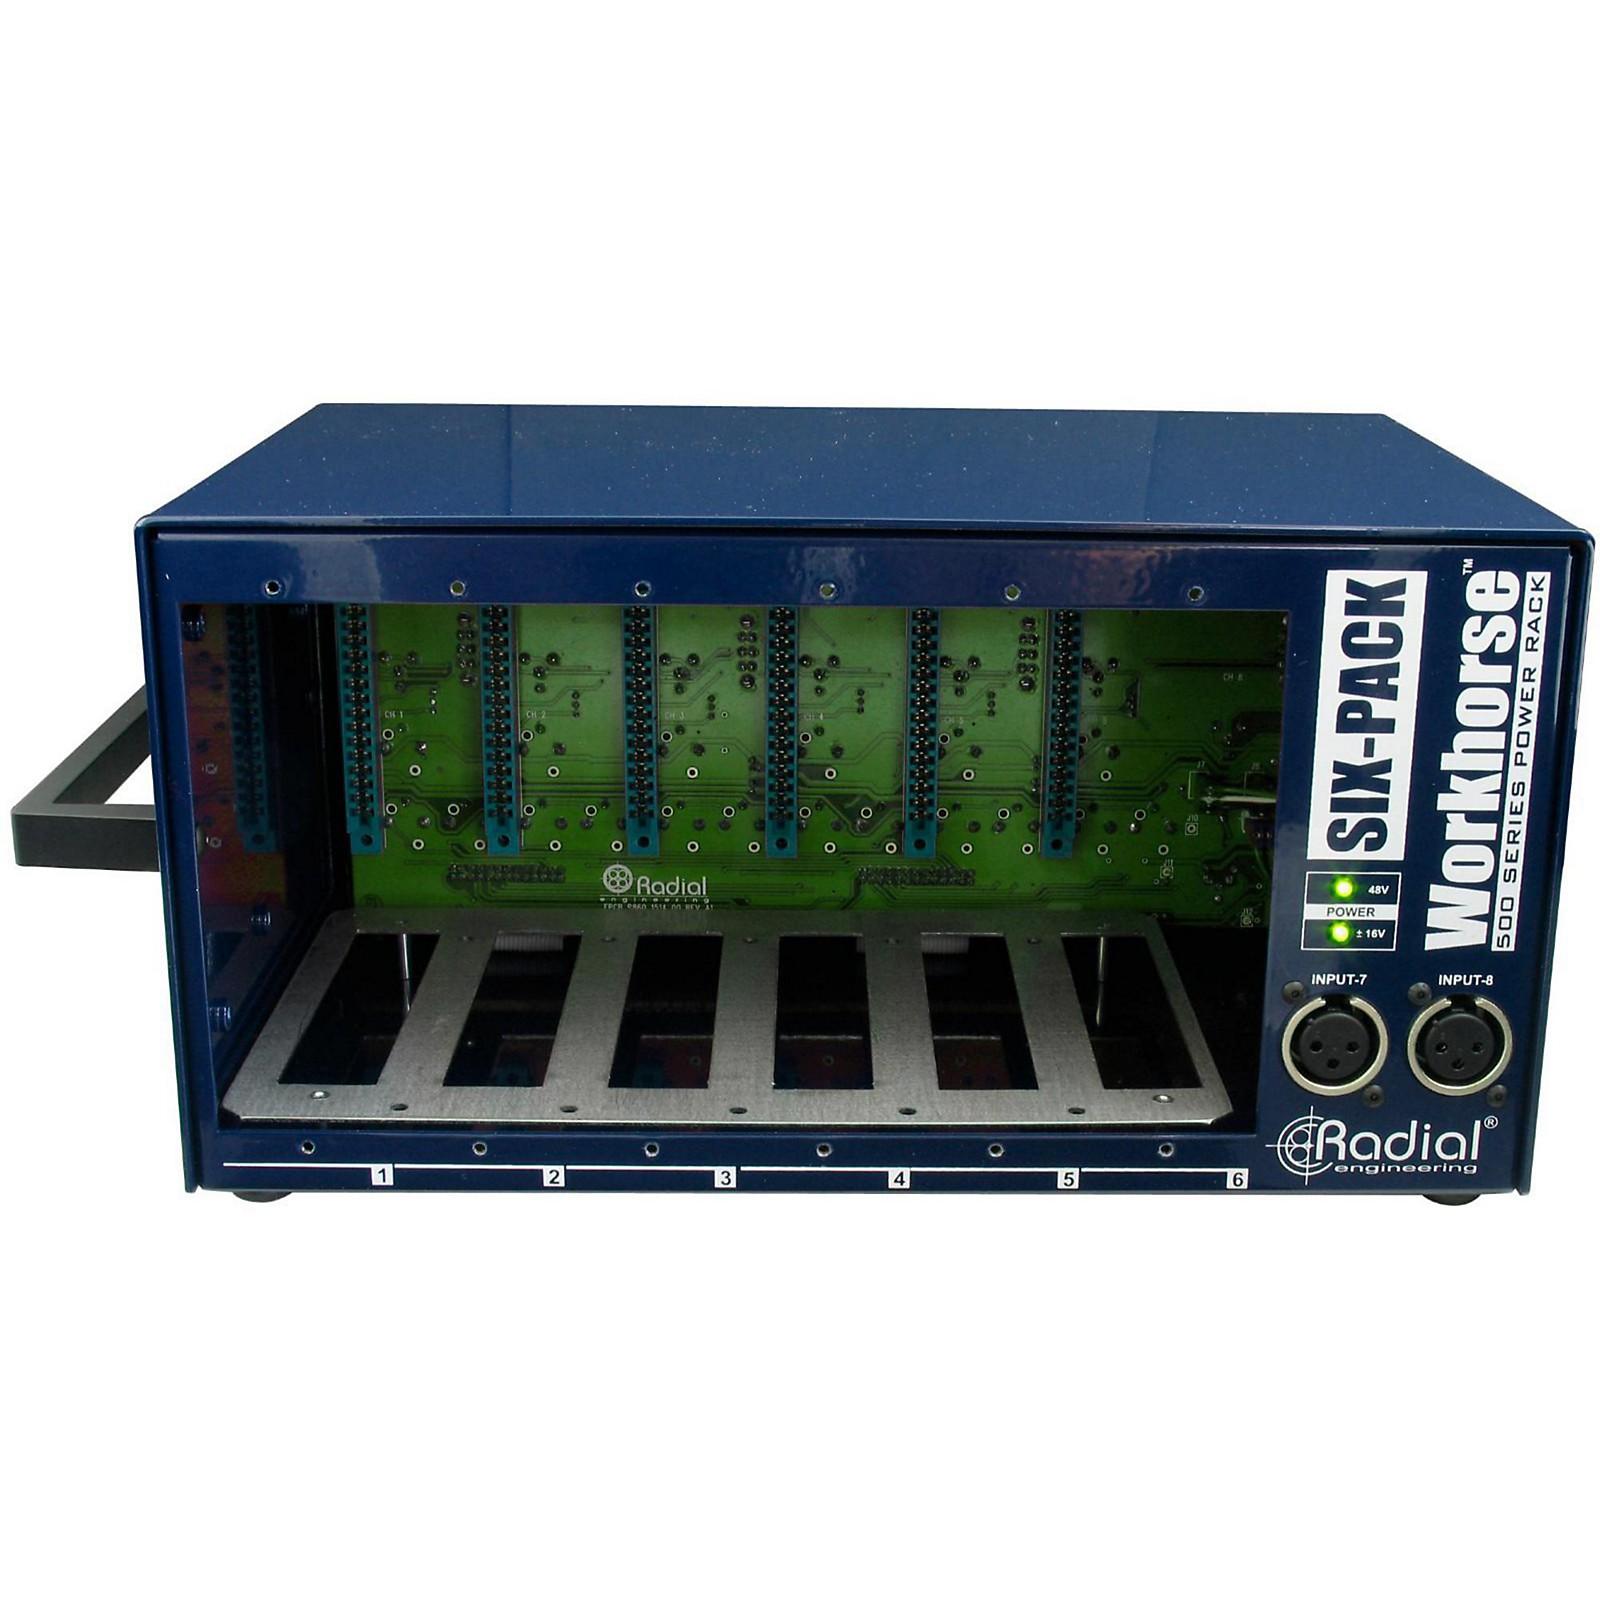 Open Box Radial Engineering Workhorse - SixPack 500 Series Desktop Rack